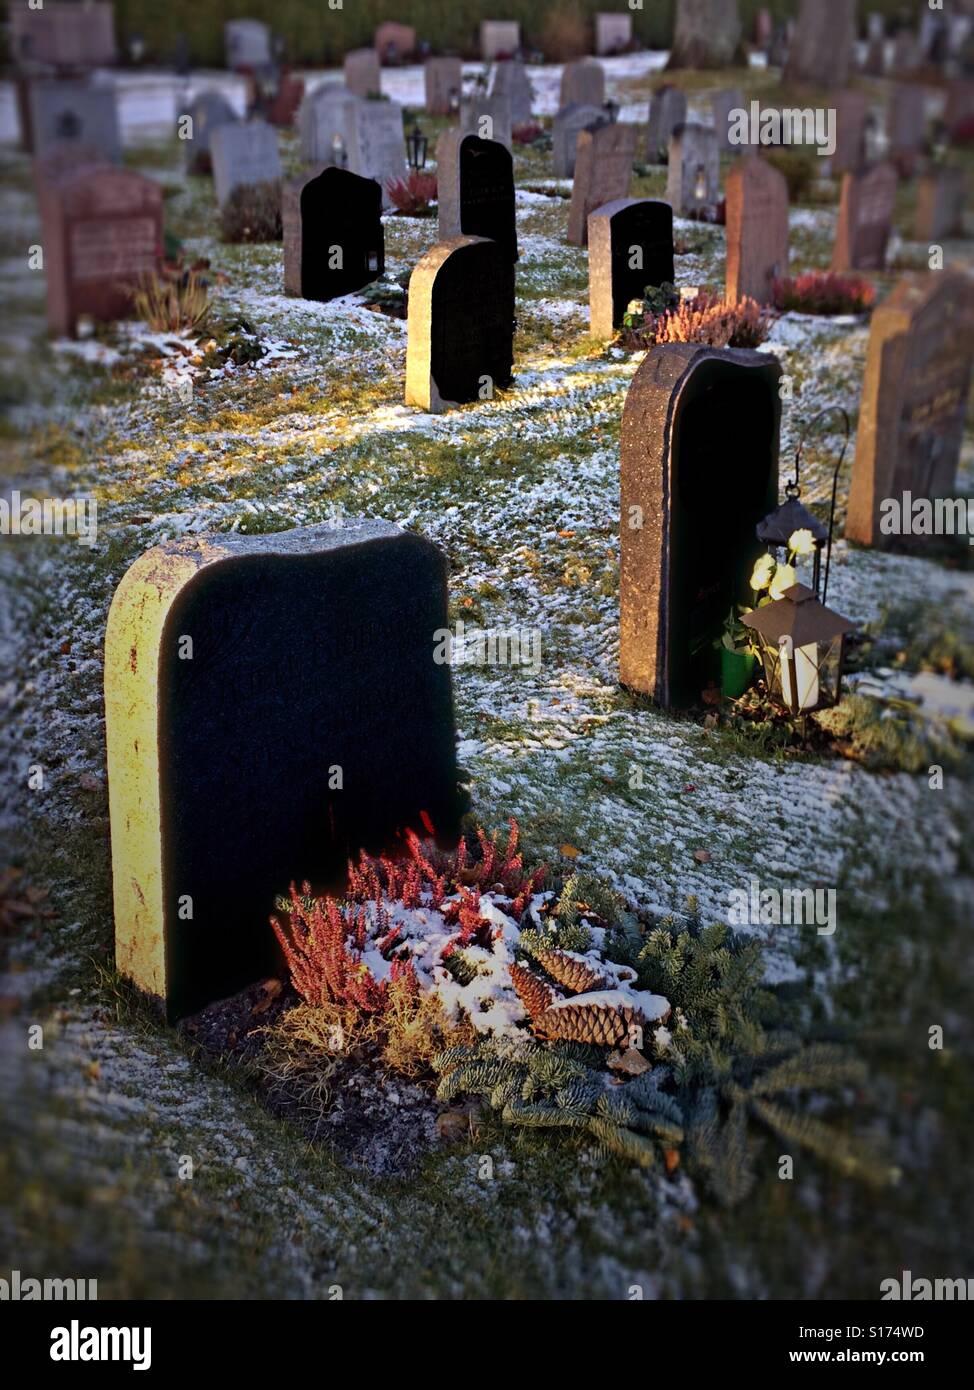 Gli oggetti contrassegnati per la rimozione definitiva, cimitero, onirico dei punti interrogativi Immagini Stock